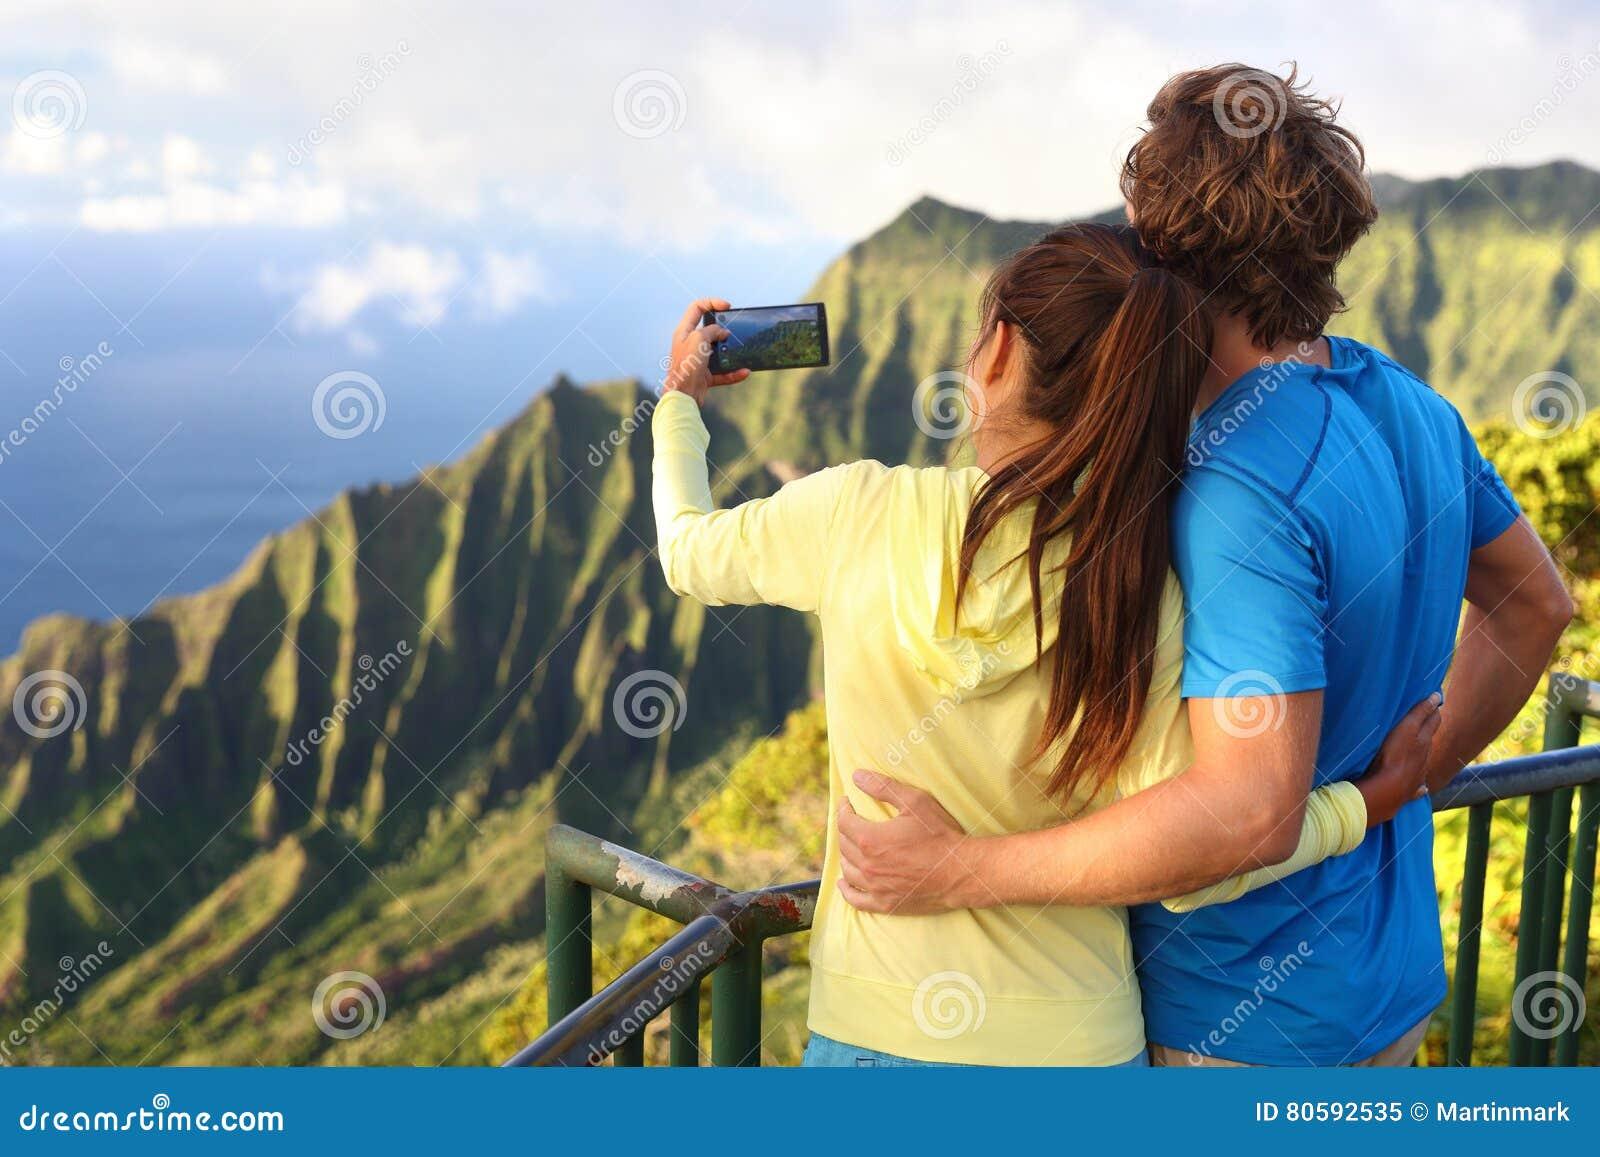 结合拍照片夏威夷假期在考艾岛